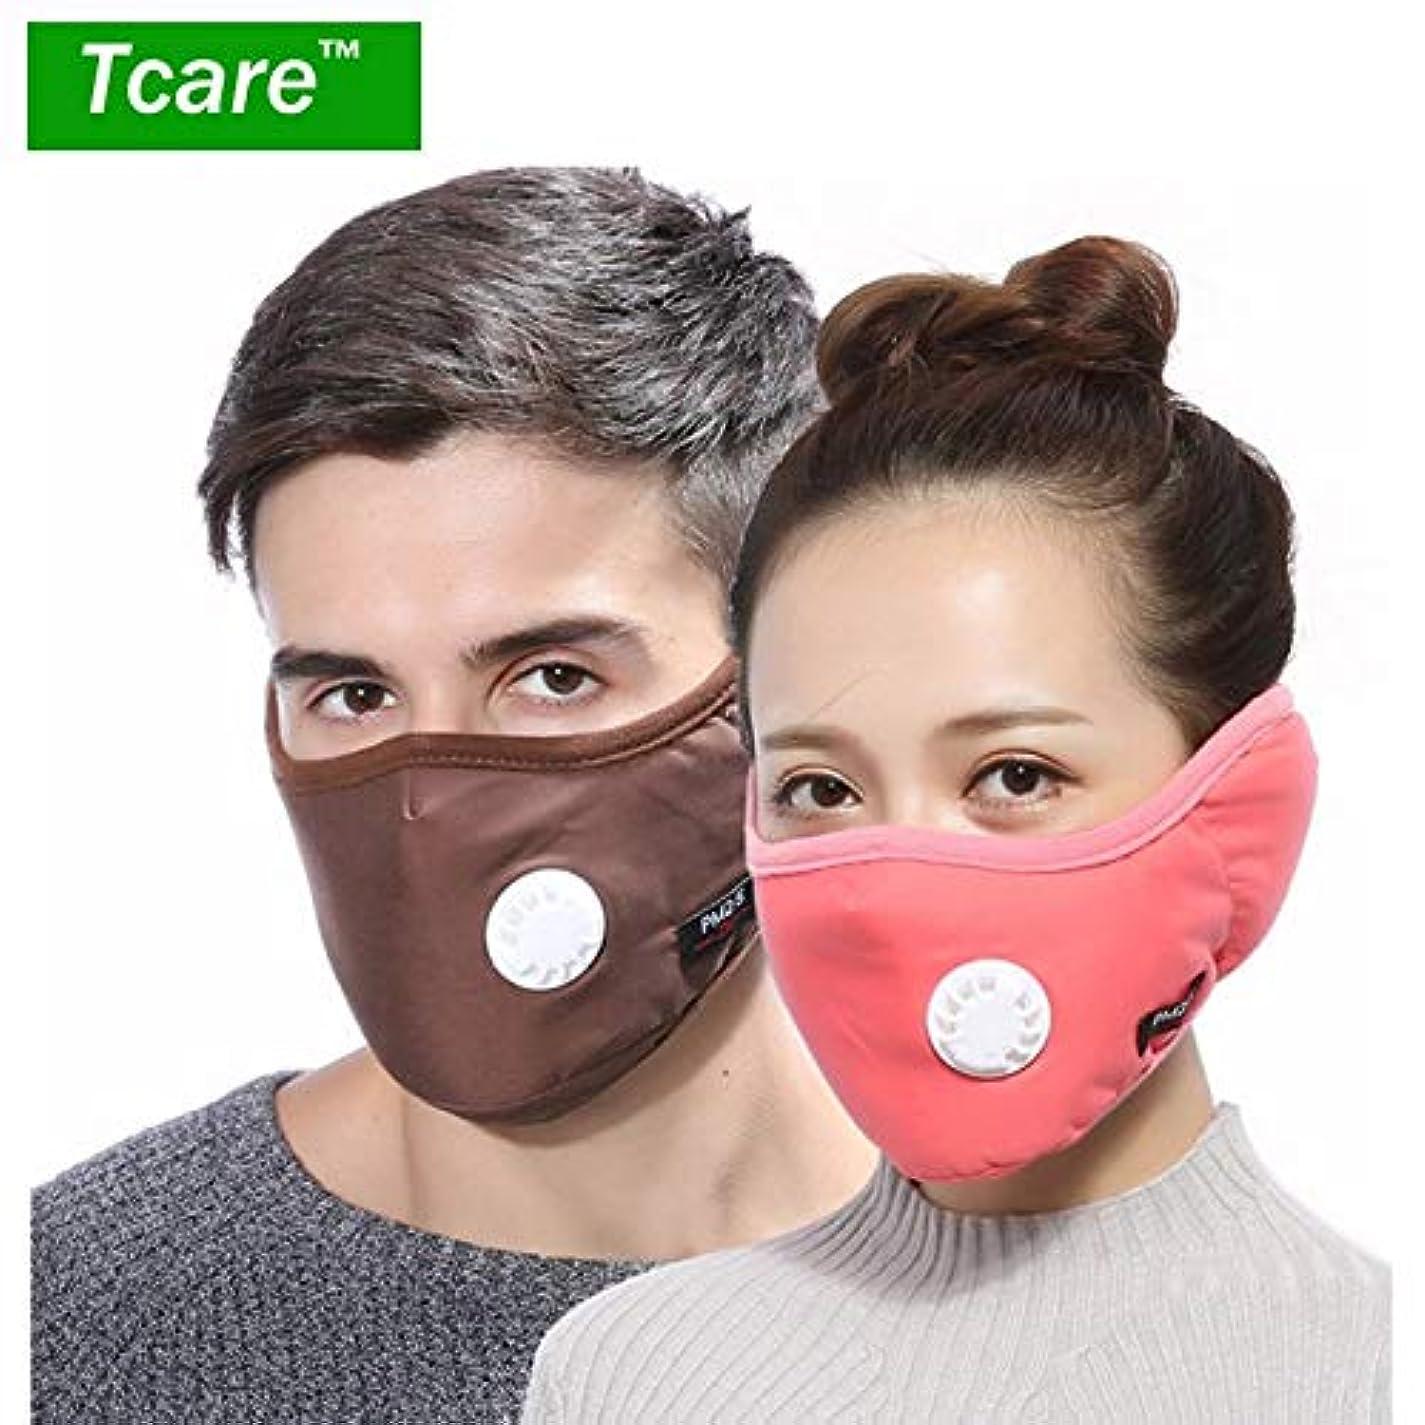 推進、動かすいう体操選手8ダークピンク:1 PM2.5マスクバルブコットンアンチダスト口マスクの冬のイヤーマフActtedフィルター付マスクでTcare 2